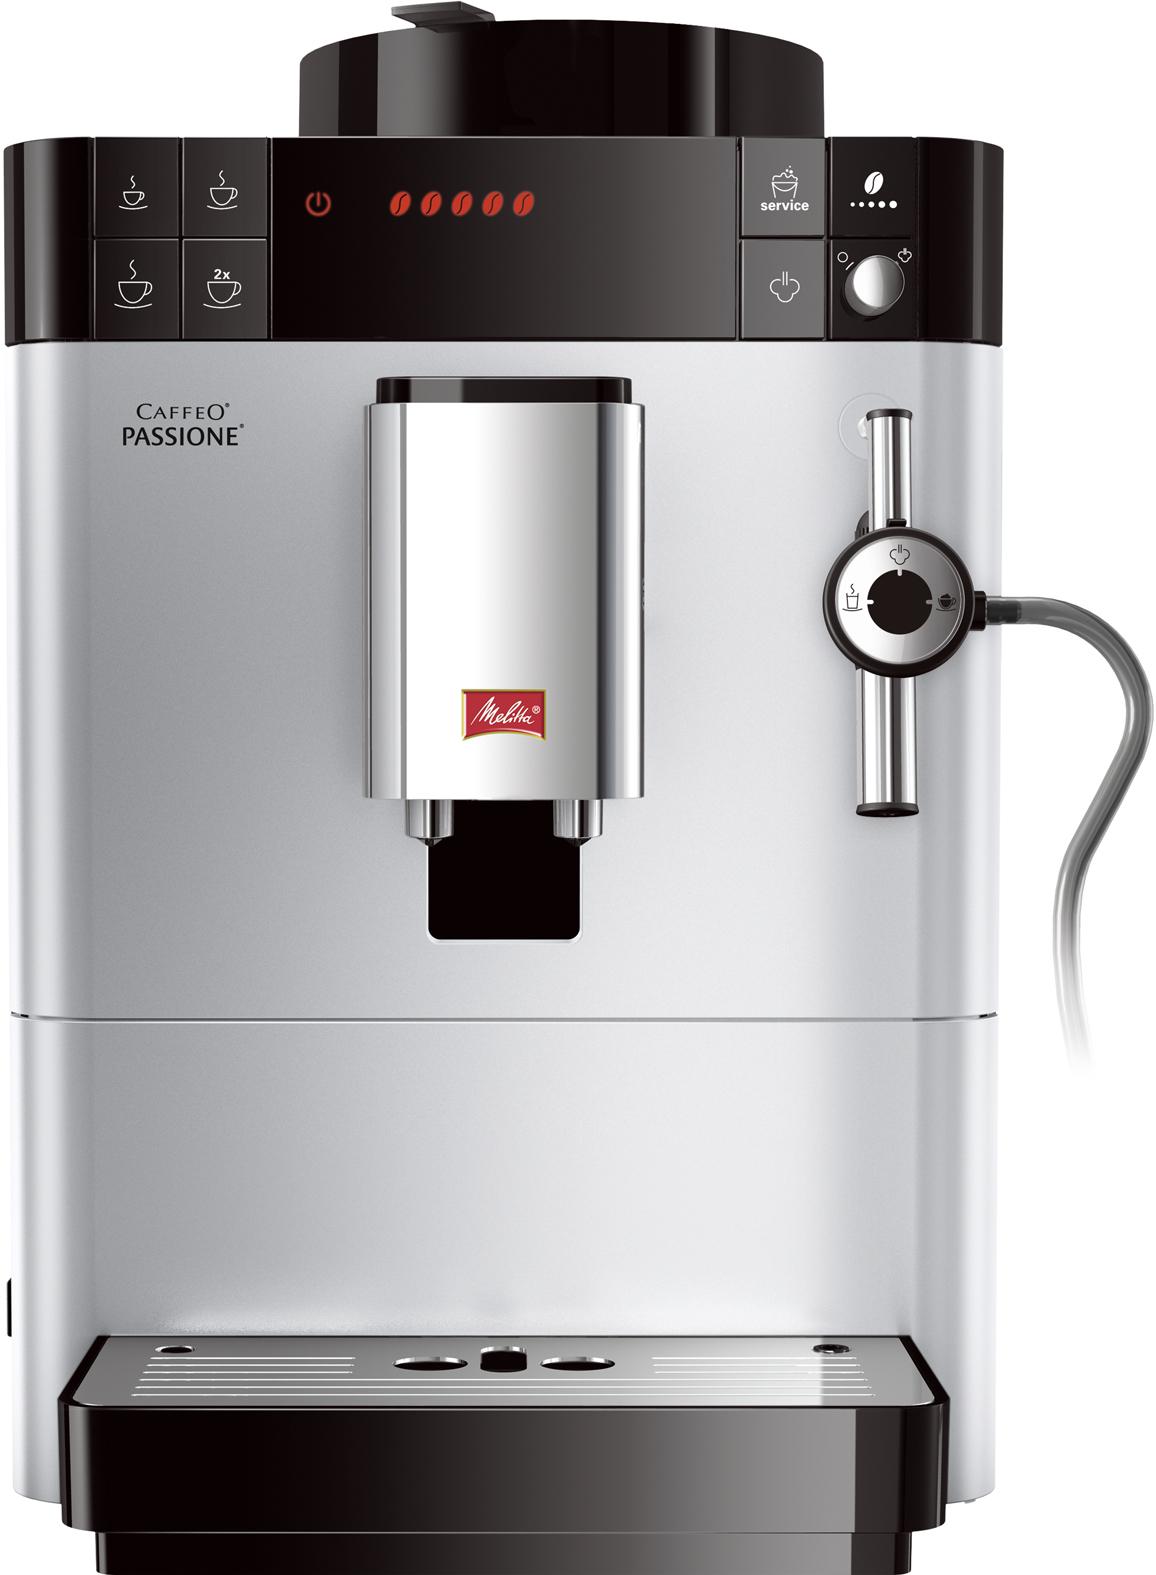 Кофемашина Melitta 21022 кофемашина melitta caffeo varianza csp f 570 102 черный